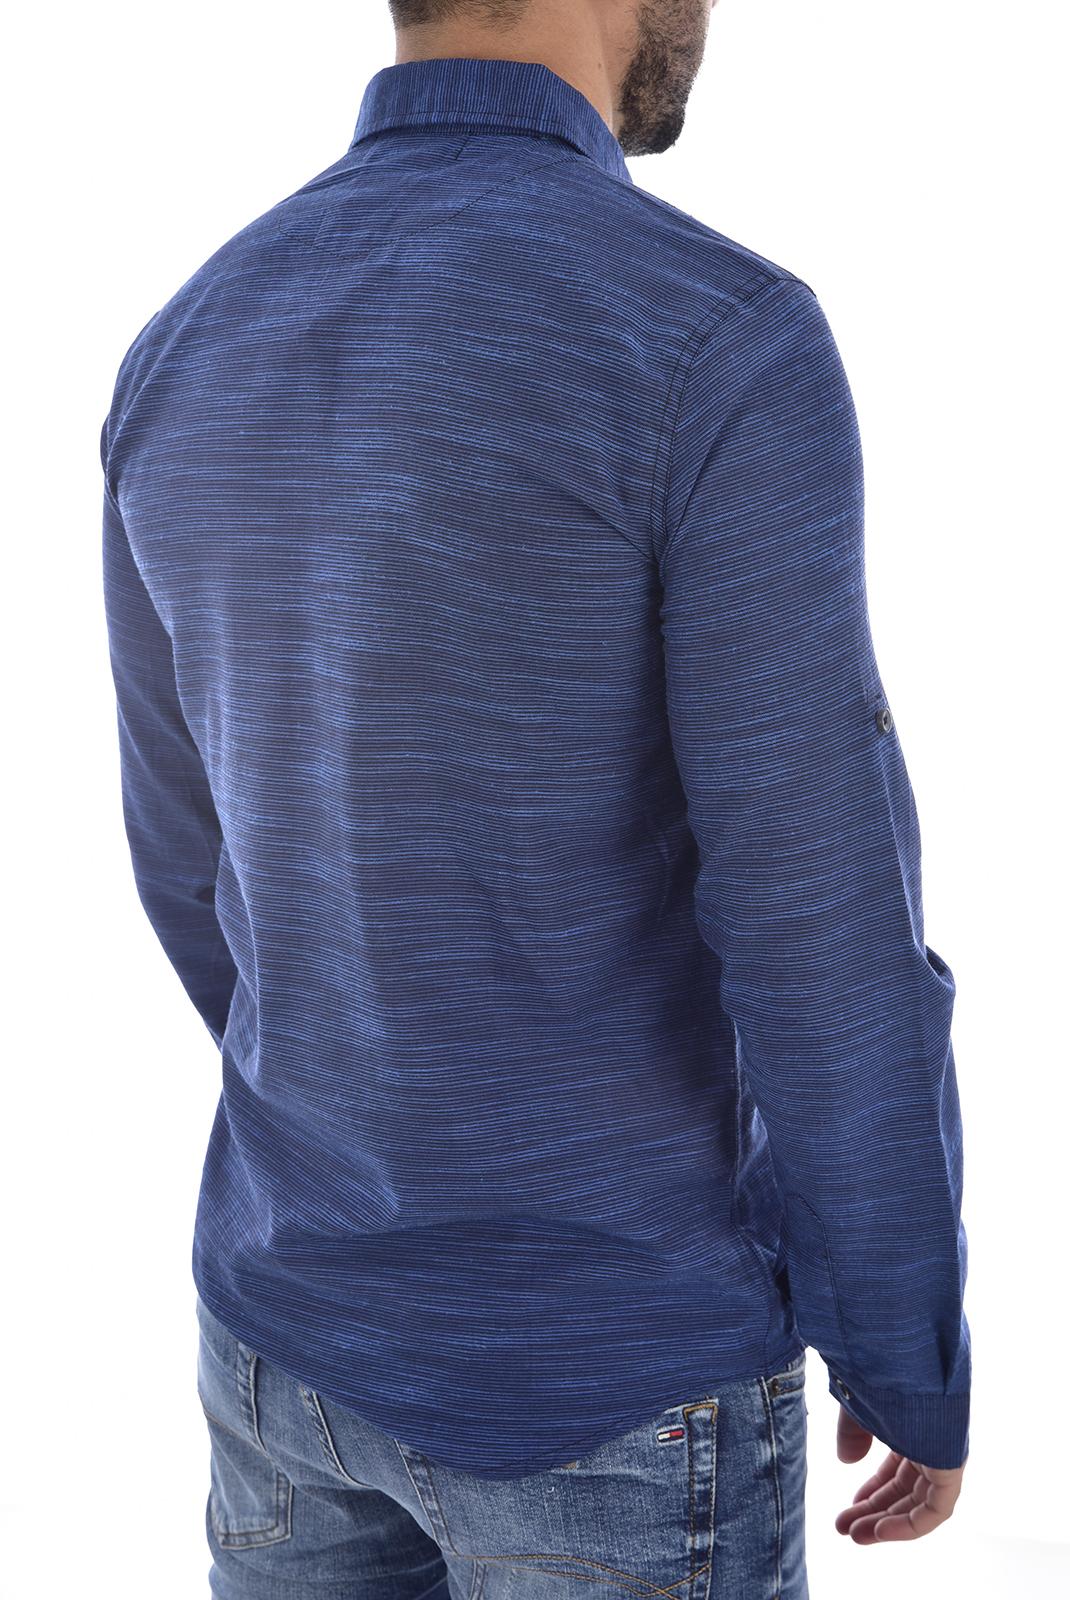 Chemises manches longues  Goldenim paris 1022 BLEU